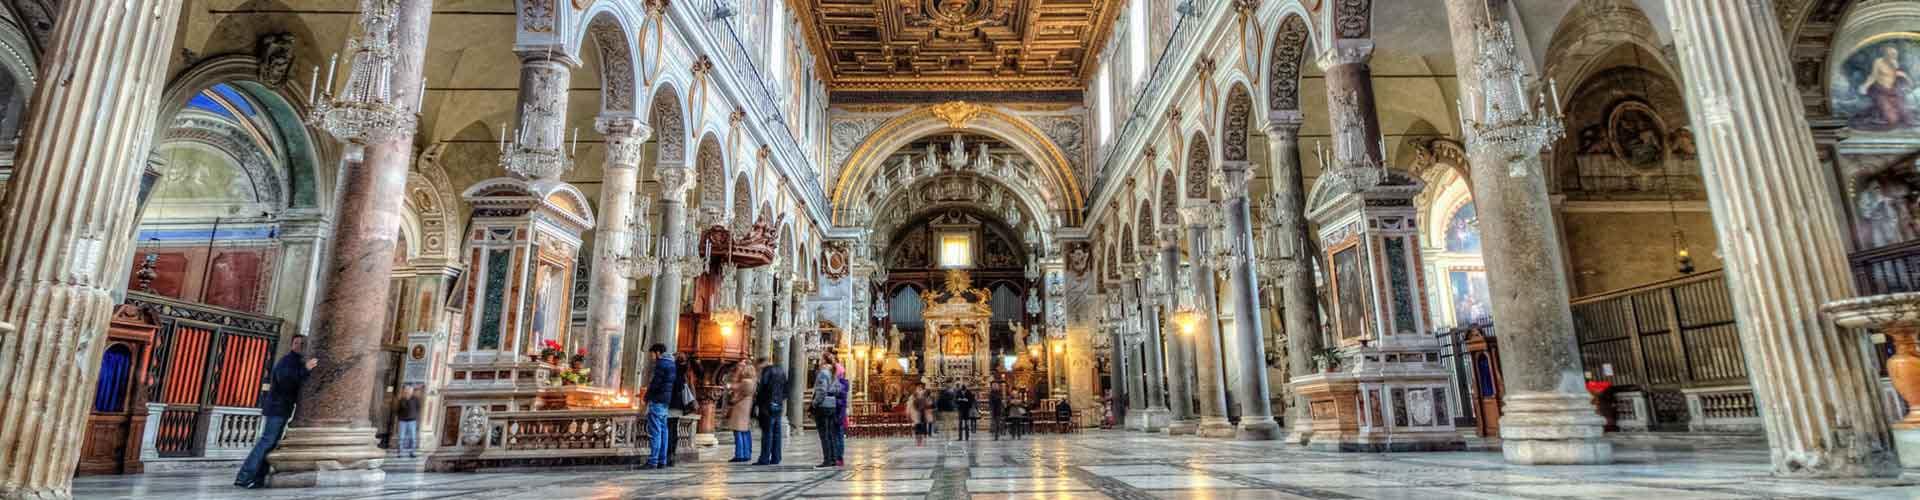 Řím - Hostelů v blízkosti Santa Maria v Aracoeli. Mapy pro Řím, fotky a recenze pro každý hostel v Řím.